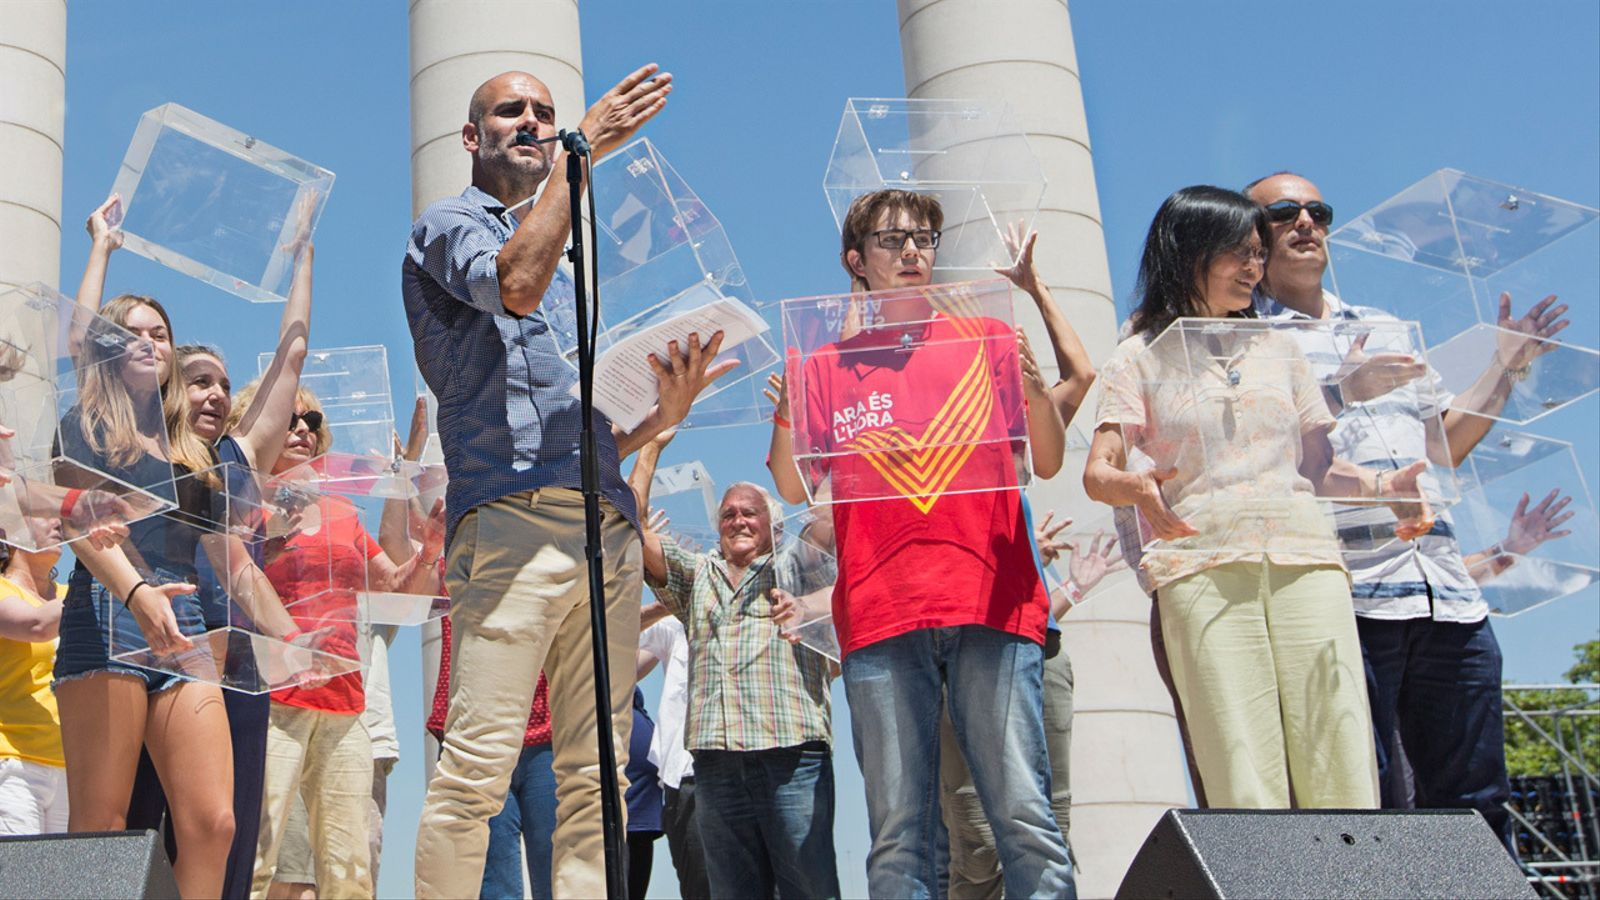 L'anàlisi d'Antoni Bassas: 'Amb les urnes a les mans'